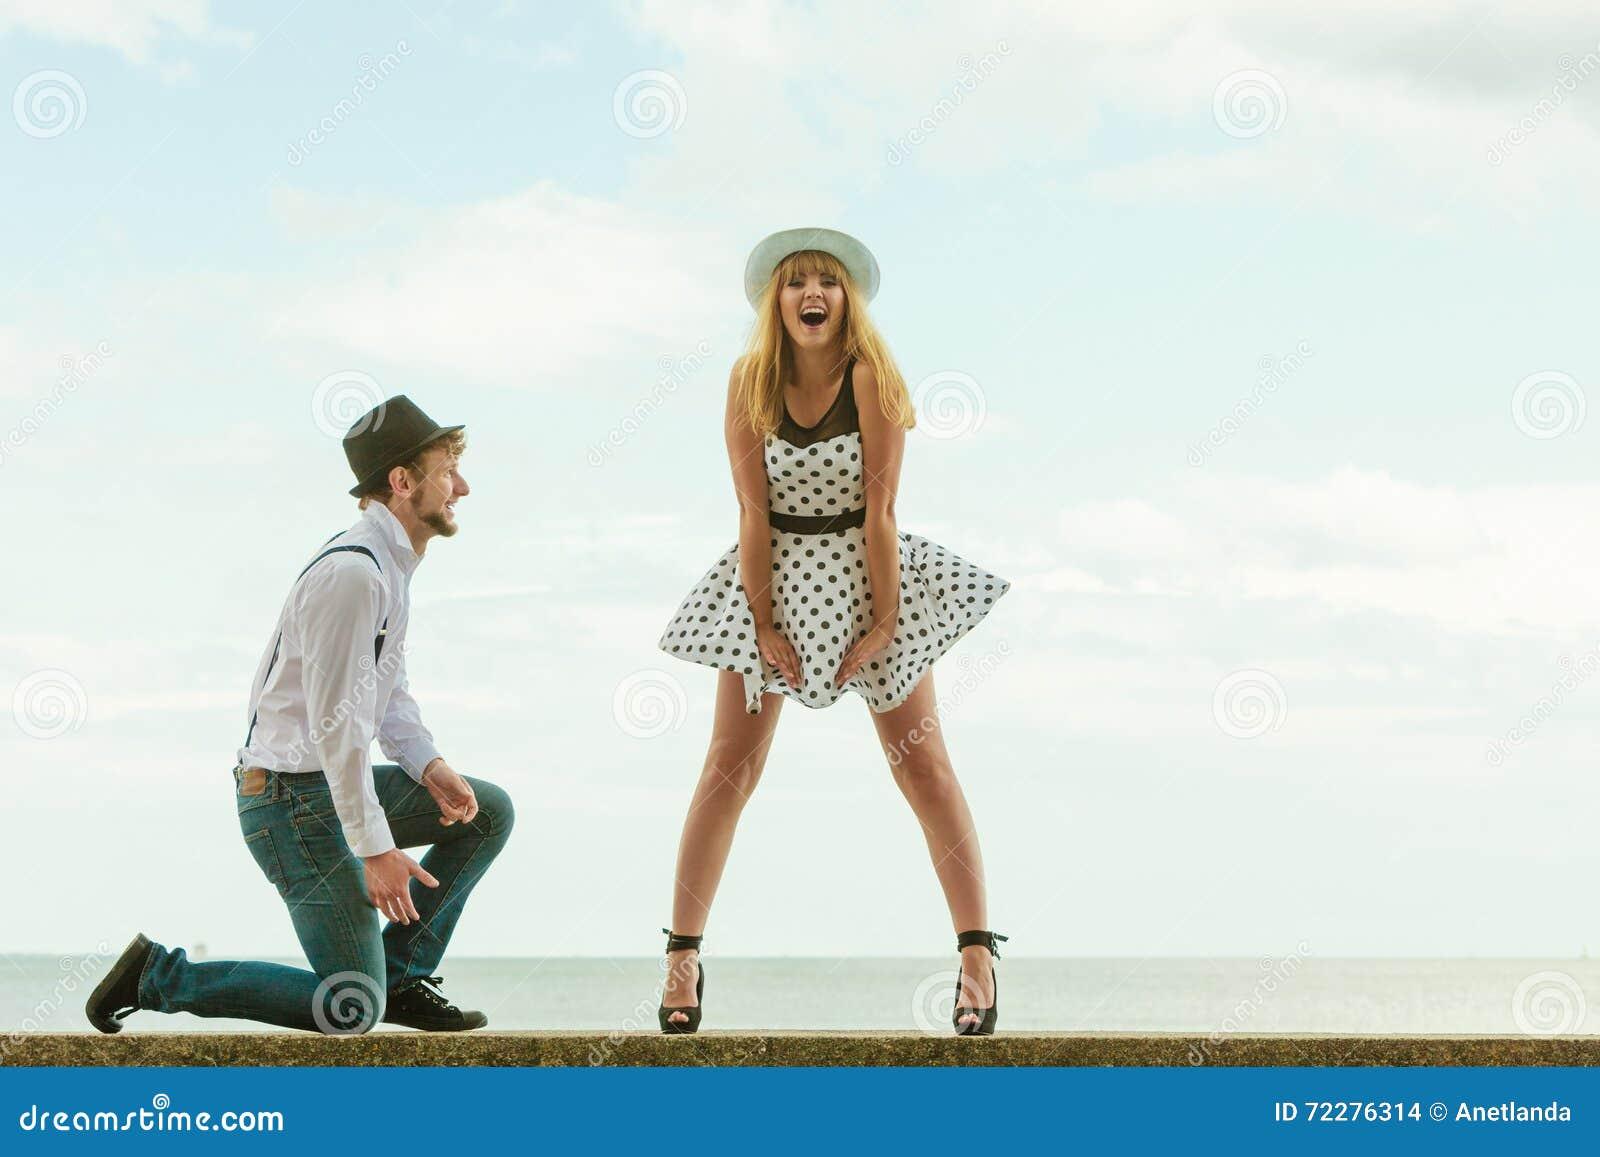 Download Датировка стиля любящих пар ретро на морском побережье Стоковое Фото - изображение насчитывающей влюбленность, приятельство: 72276314